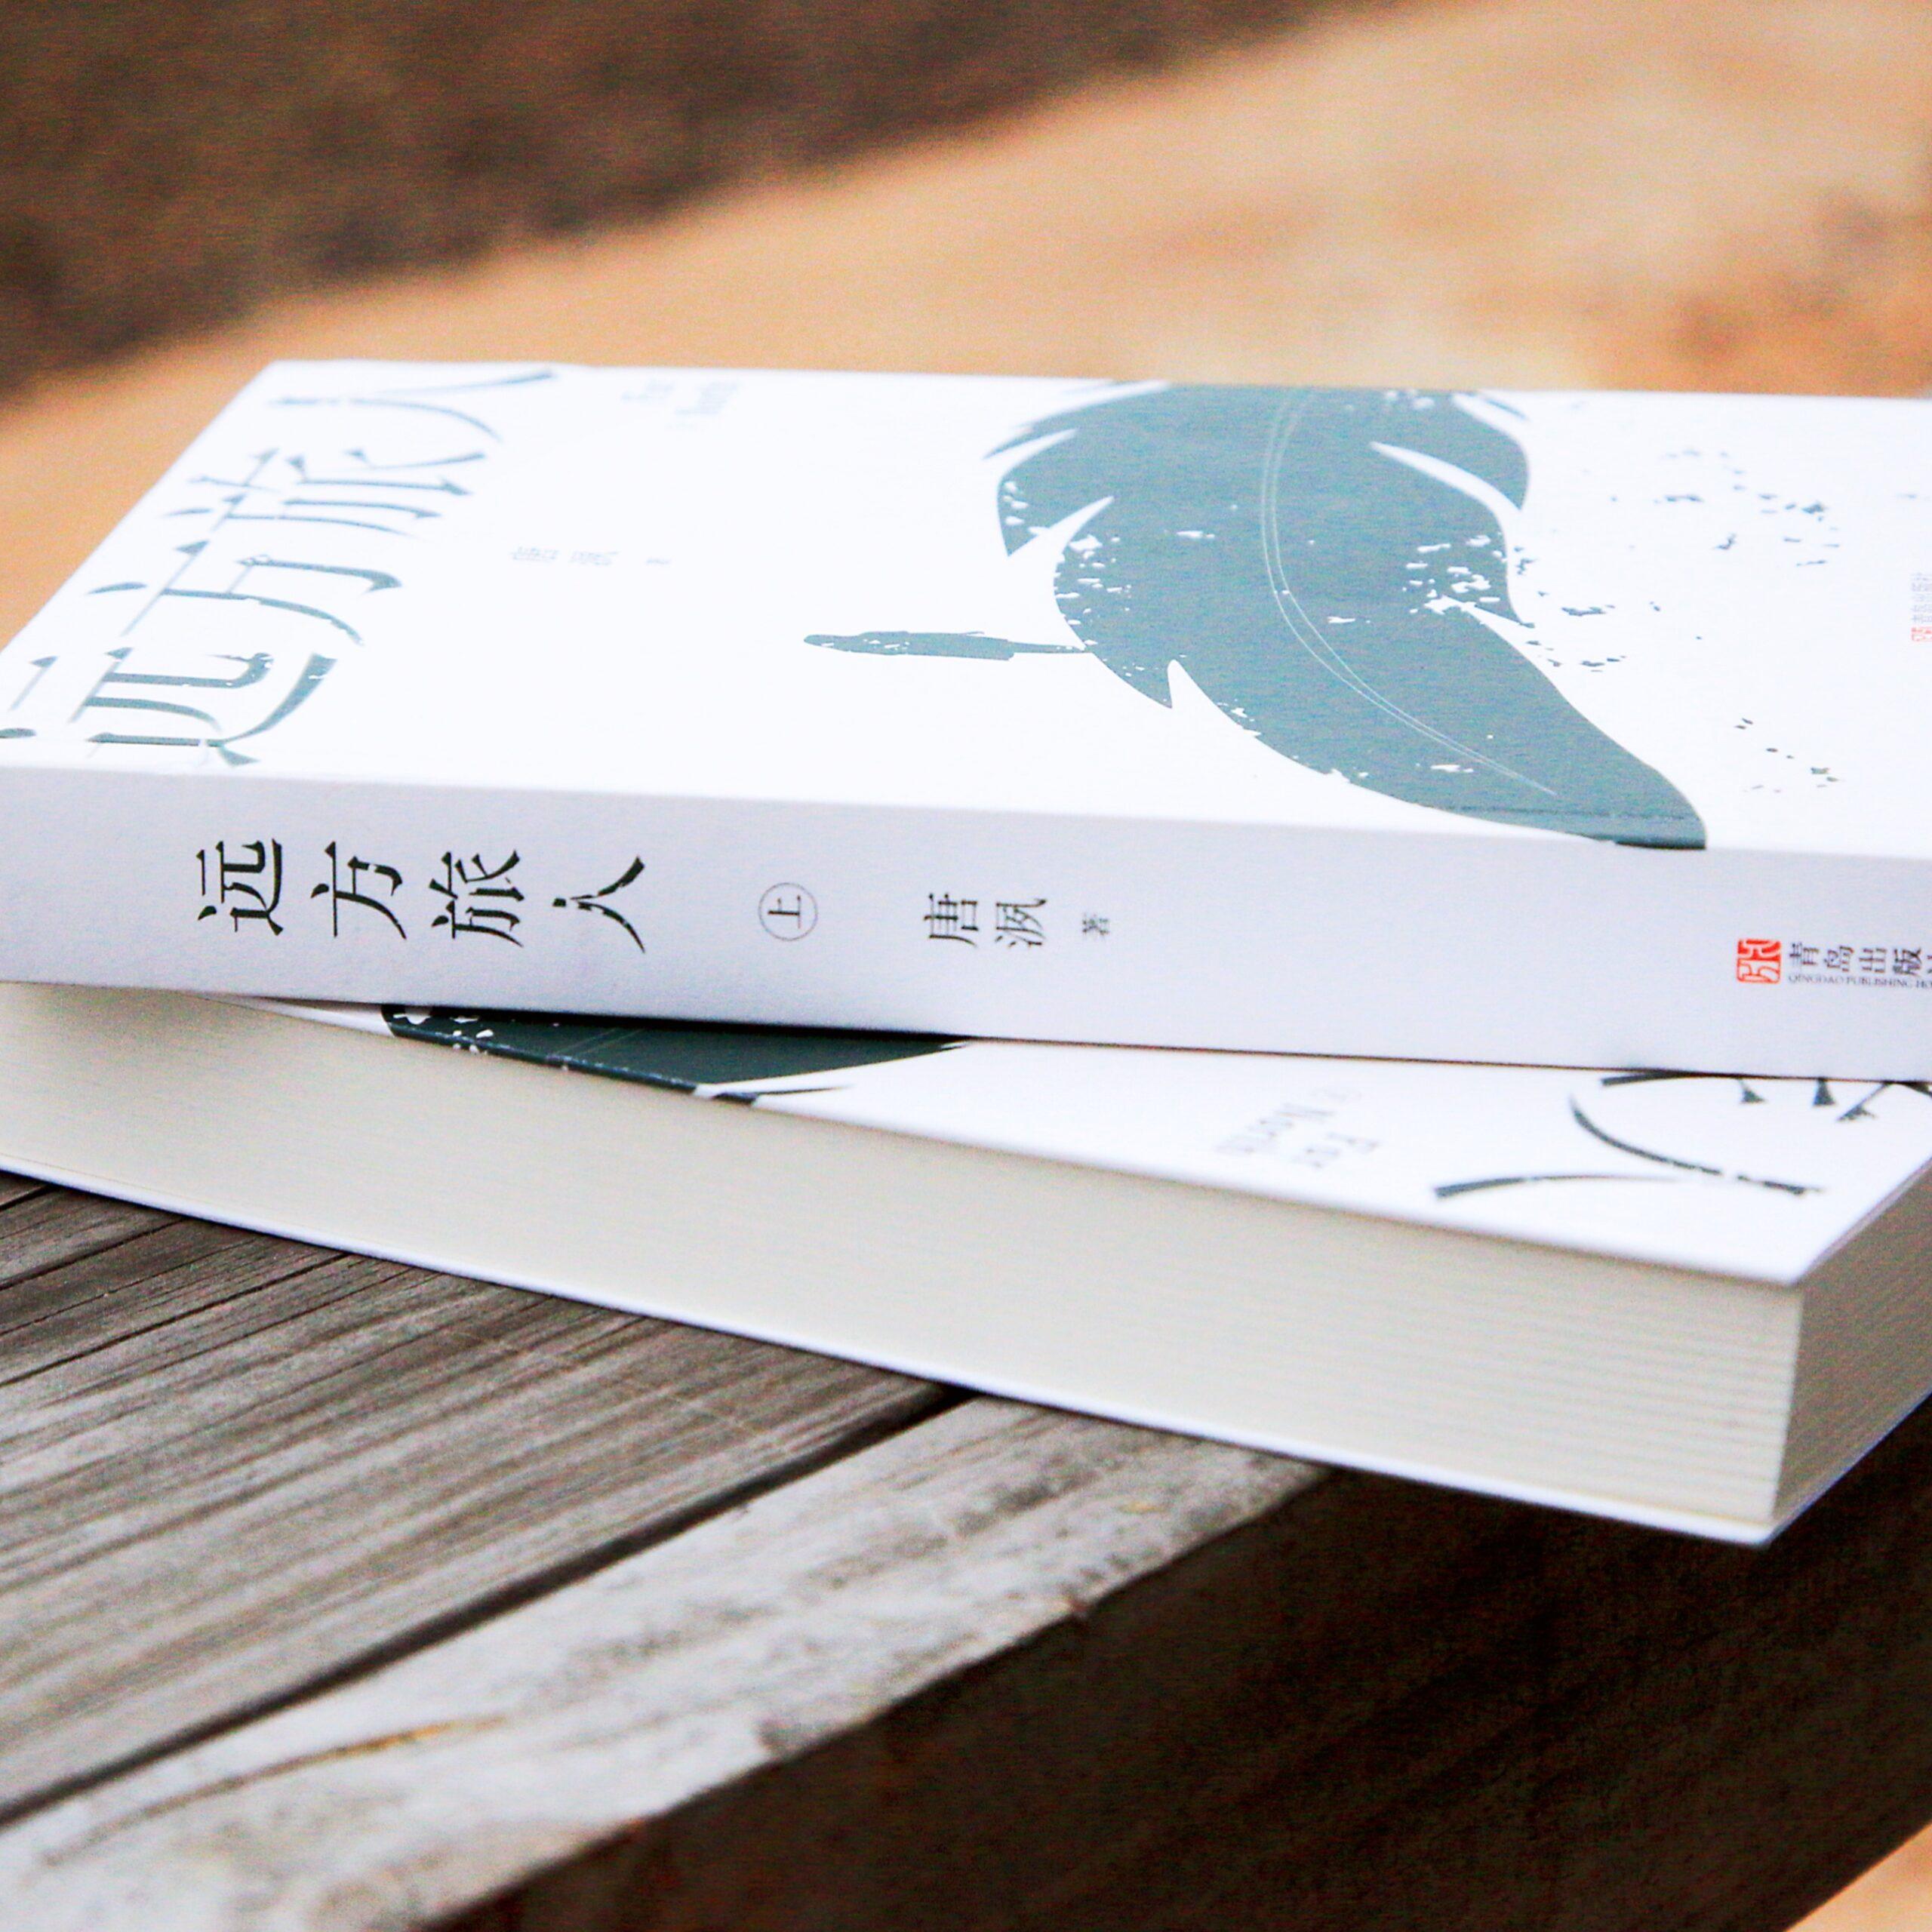 【推书/存档】远方旅人·唐洬